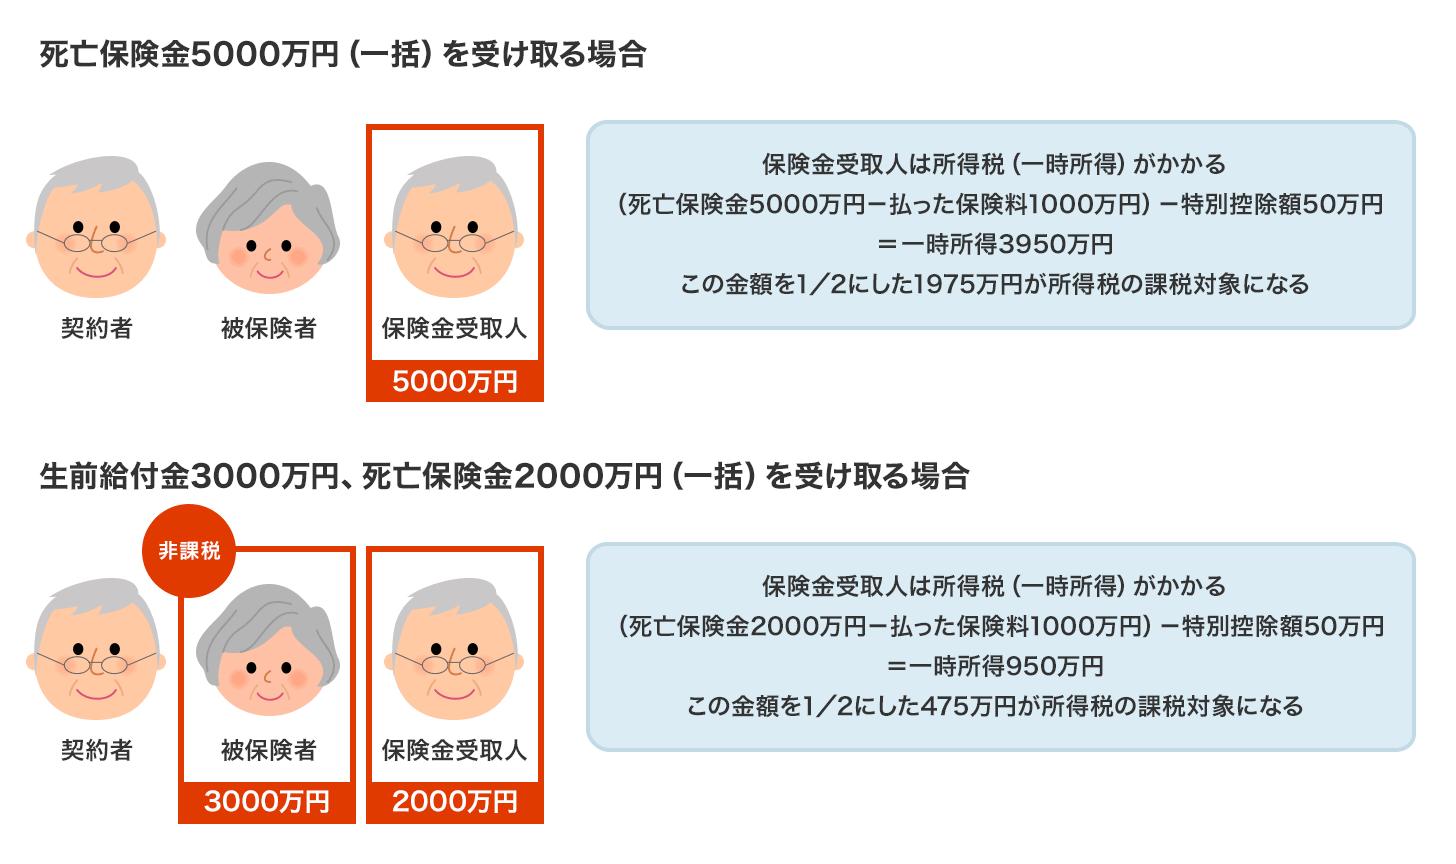 5000万円の生命保険(契約者=保険金受取人)の場合の所得税